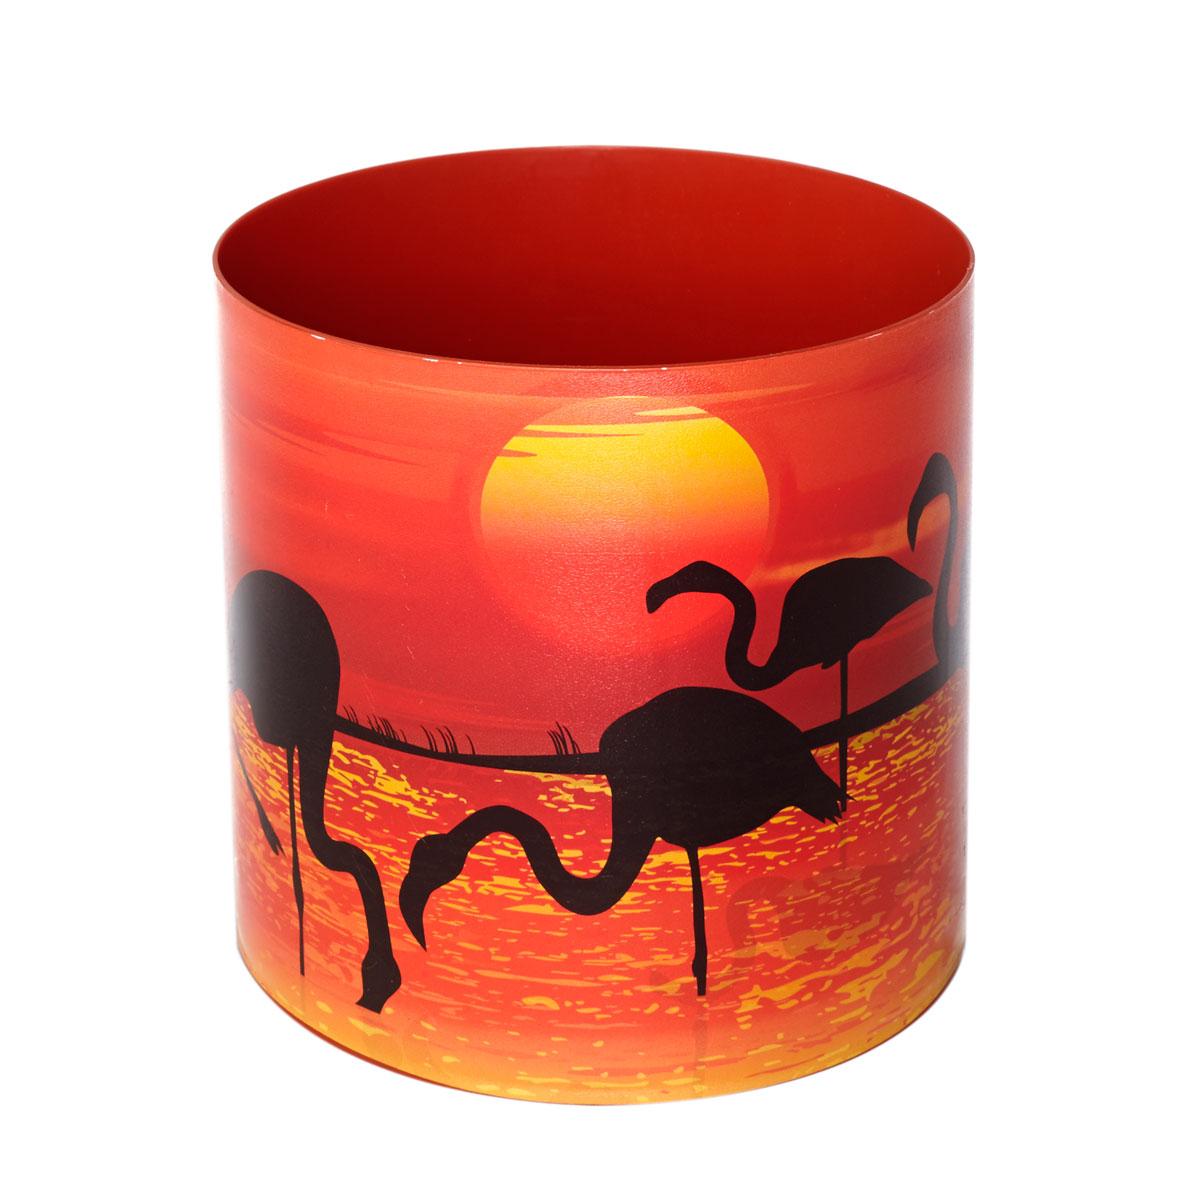 Горшок для цветов Miolla Фламинго, со скрытым поддоном, 1,7 лZ-0307Горшок для цветов Miolla Фламинго со скрытым поддоном выполнен из пластика и декорирован красочным рисунком.Диаметр горшка: 13,5 см.Высота горшка (с учетом поддона): 13,5 см.Объем горшка: 1,7 л.